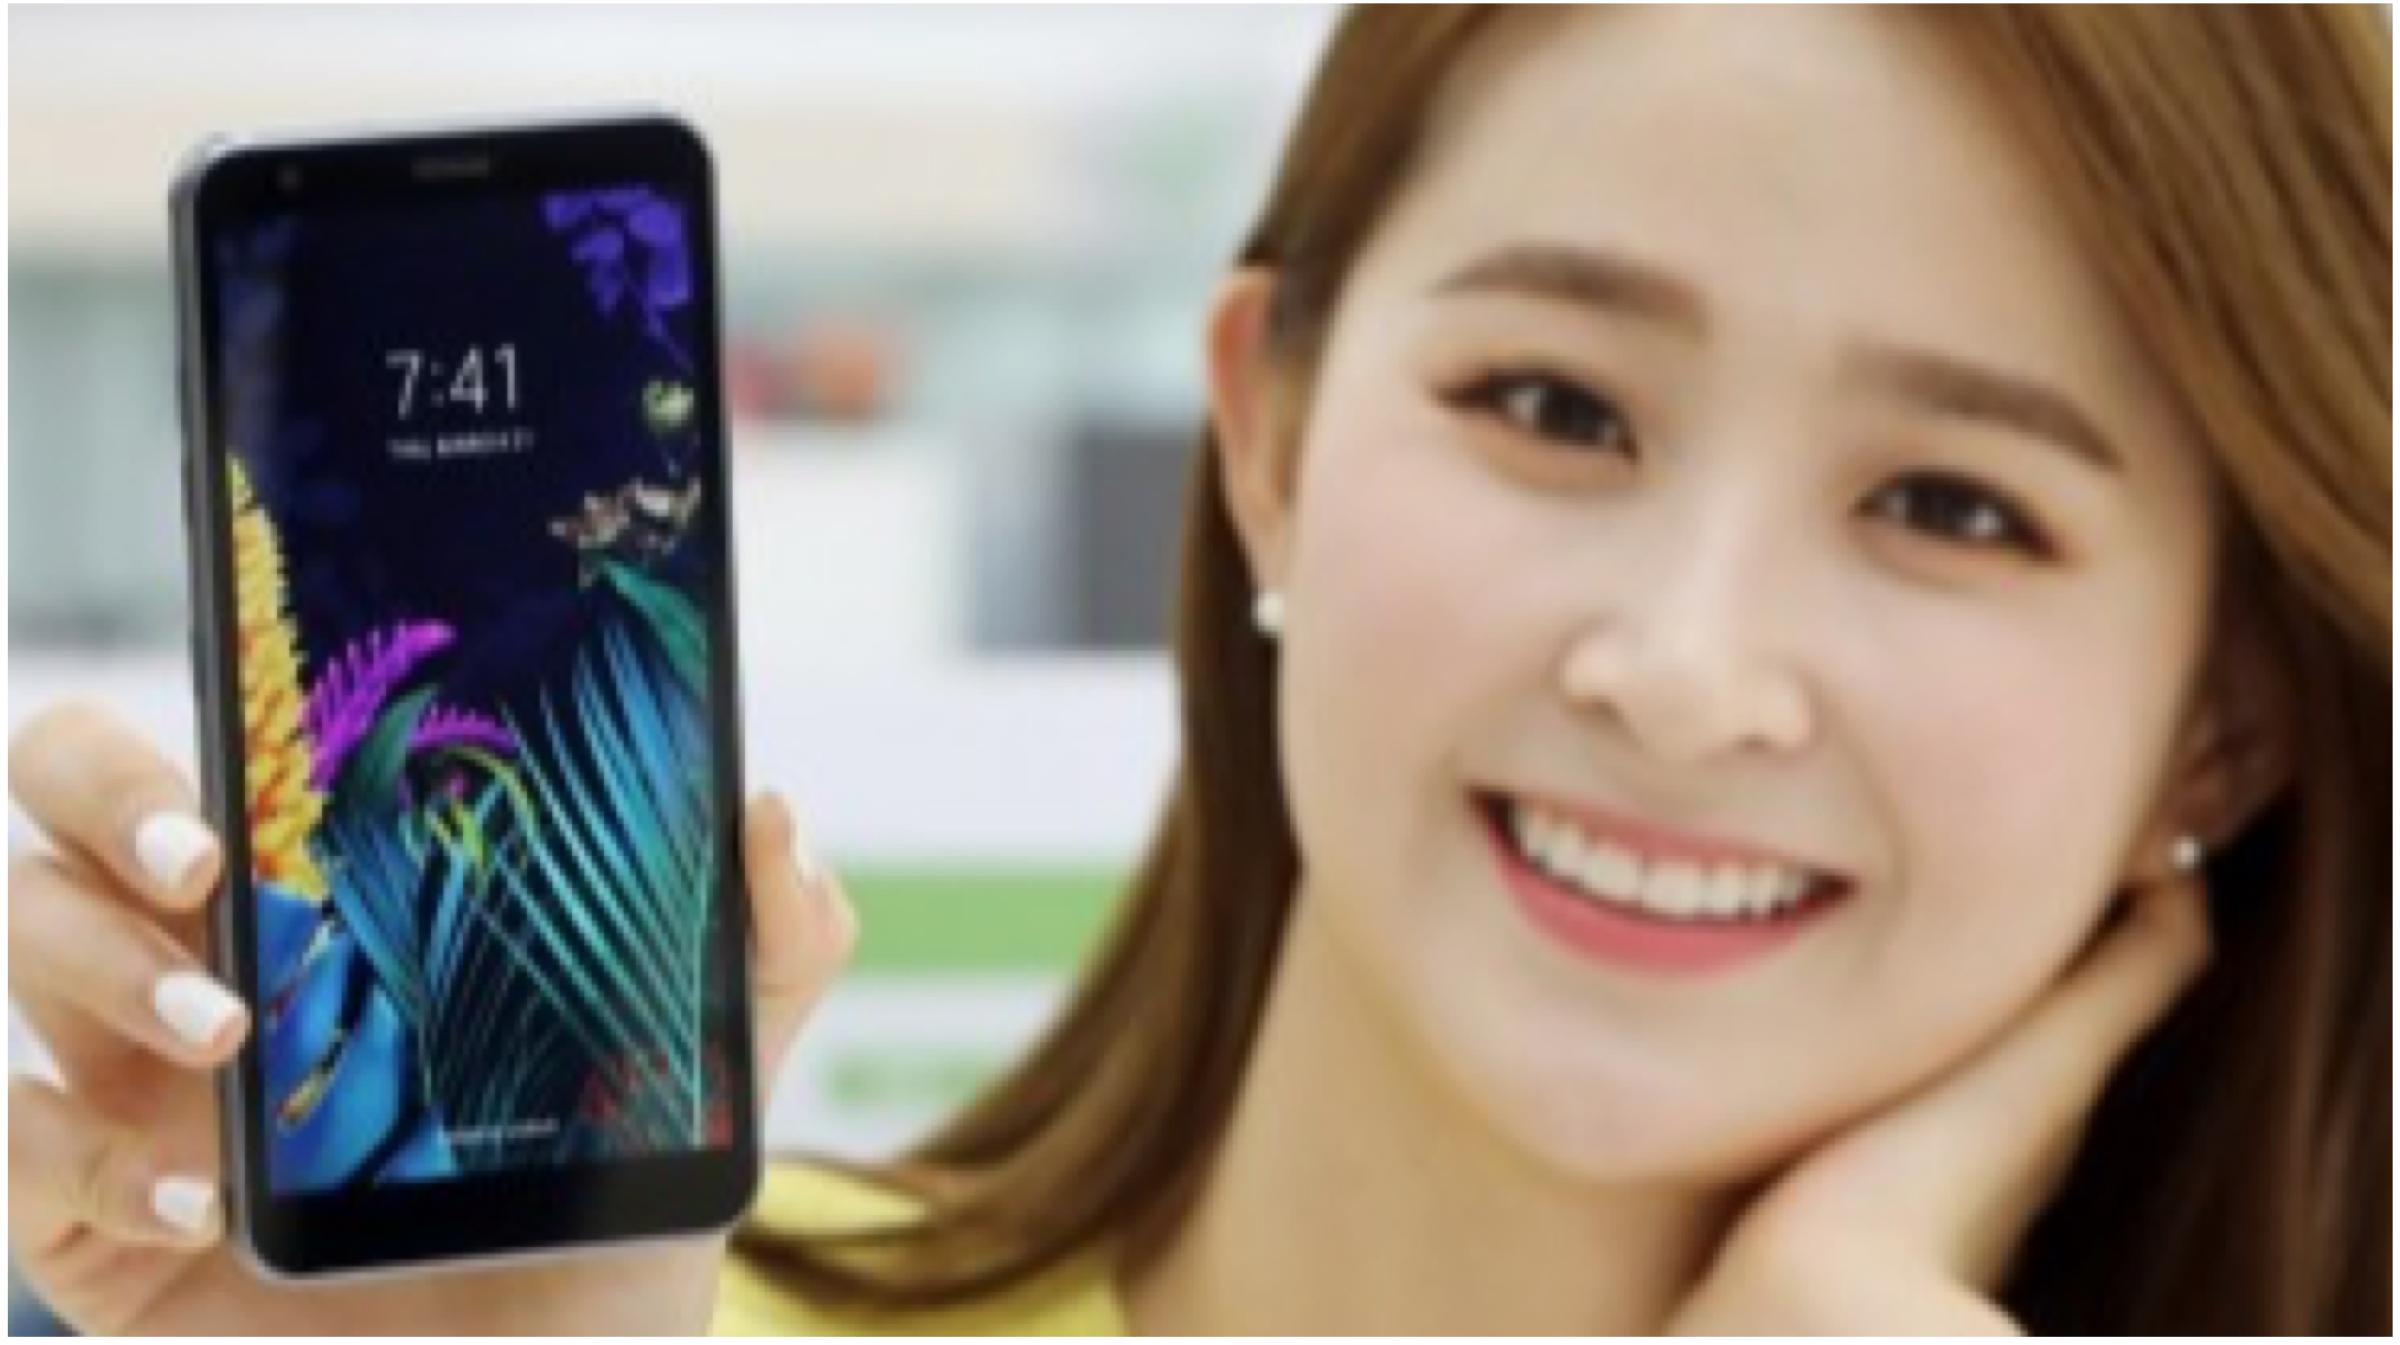 إل جي تكشف النقاب عن الميزانية الموجهة للهواتف الذكية X2 1